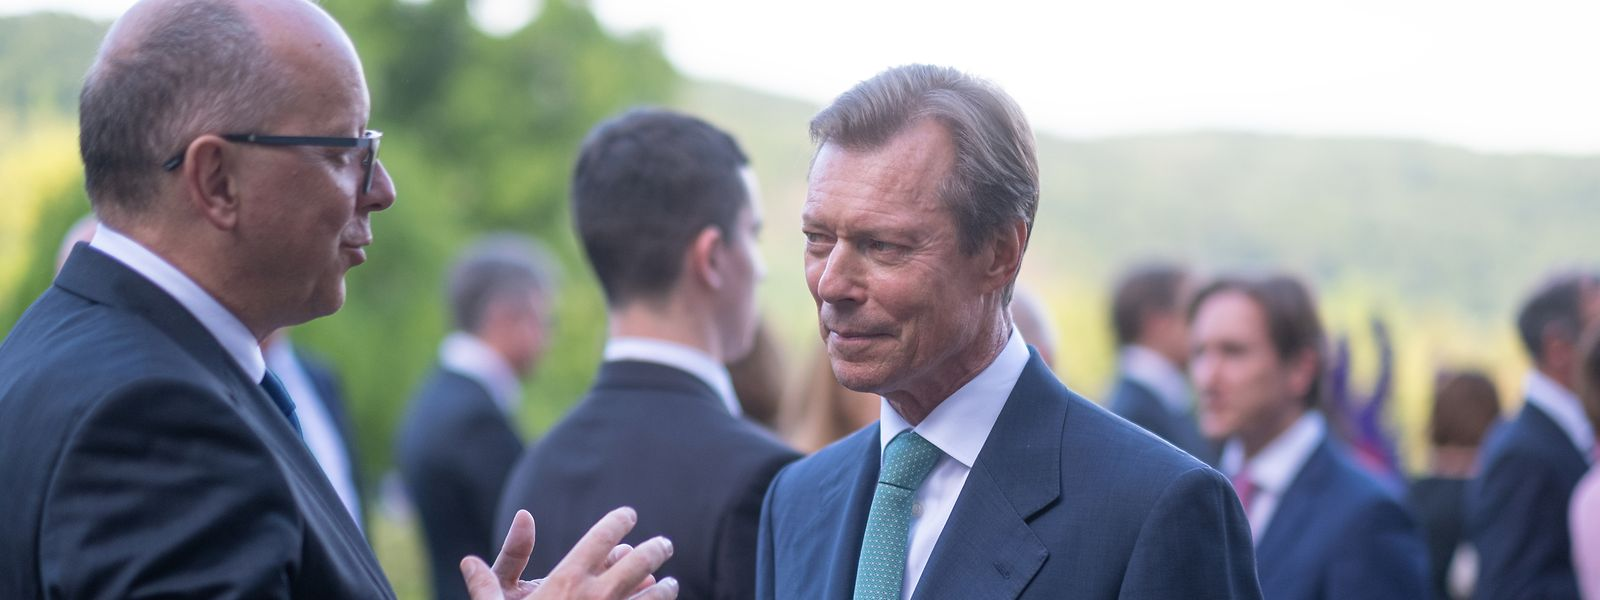 Le grand-duc Henri serait un des monarques les plus fortunés d'Europe avec un capital qui s'élève à 3,55 milliards.